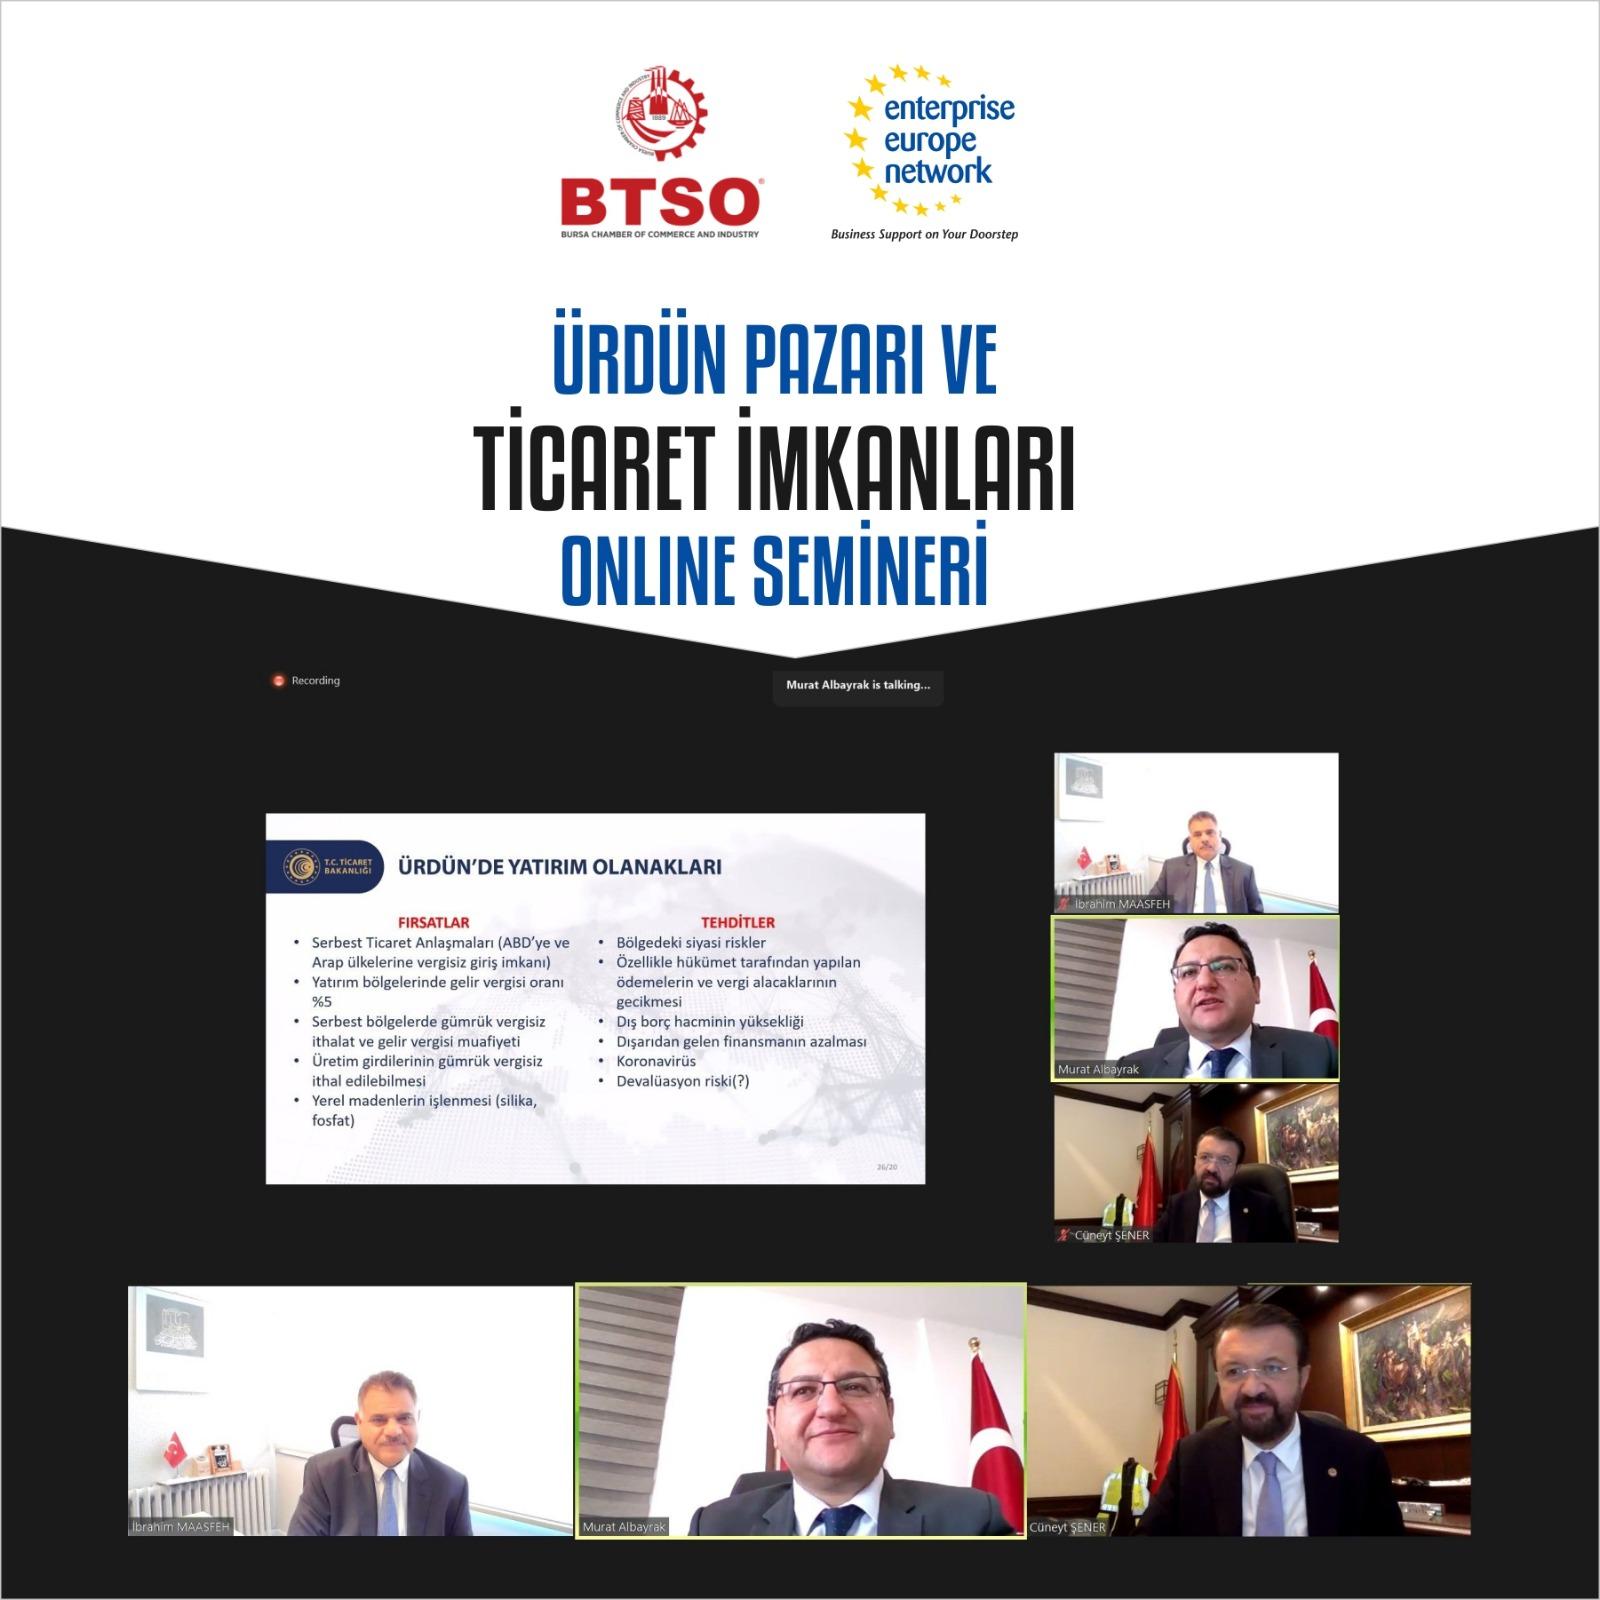 Ürdün Pazarı ve Ticaret İmkanları Online Semineri Düzenlendi